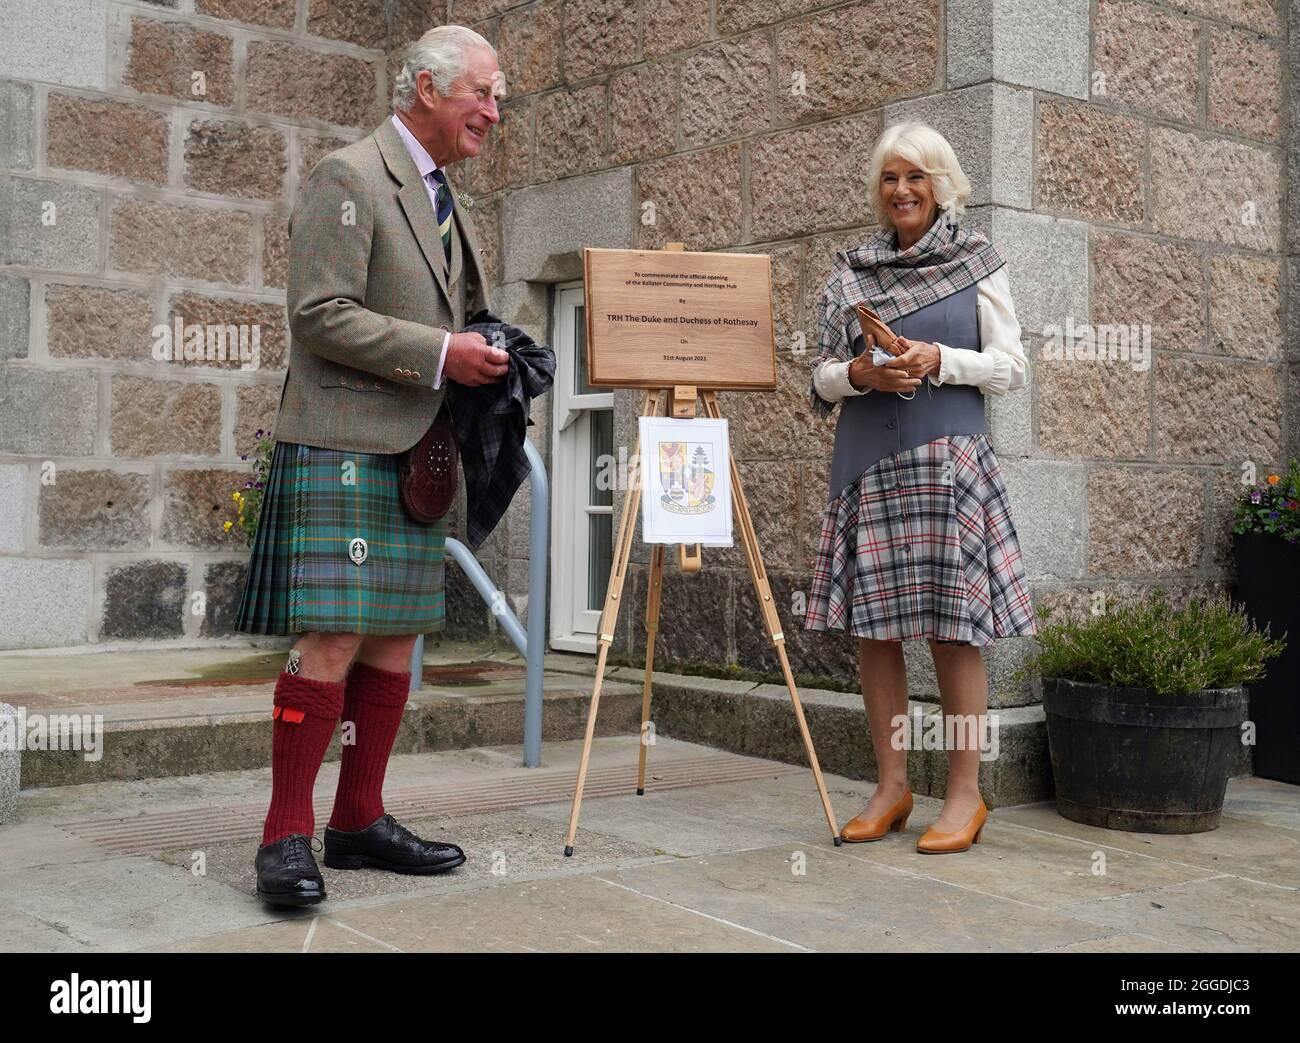 Prinz von Wales und die Herzogin von Cornwall, bekannt als Herzog und Herzogin von Rothesay, als sie in Schottland waren, enthüllen eine Gedenktafel zur Erinnerung an die Eröffnung des Ballater Community & Heritage Hub in Ballater, Aberdeenshire. Bilddatum: Dienstag, 31. August 2021. Stockfoto